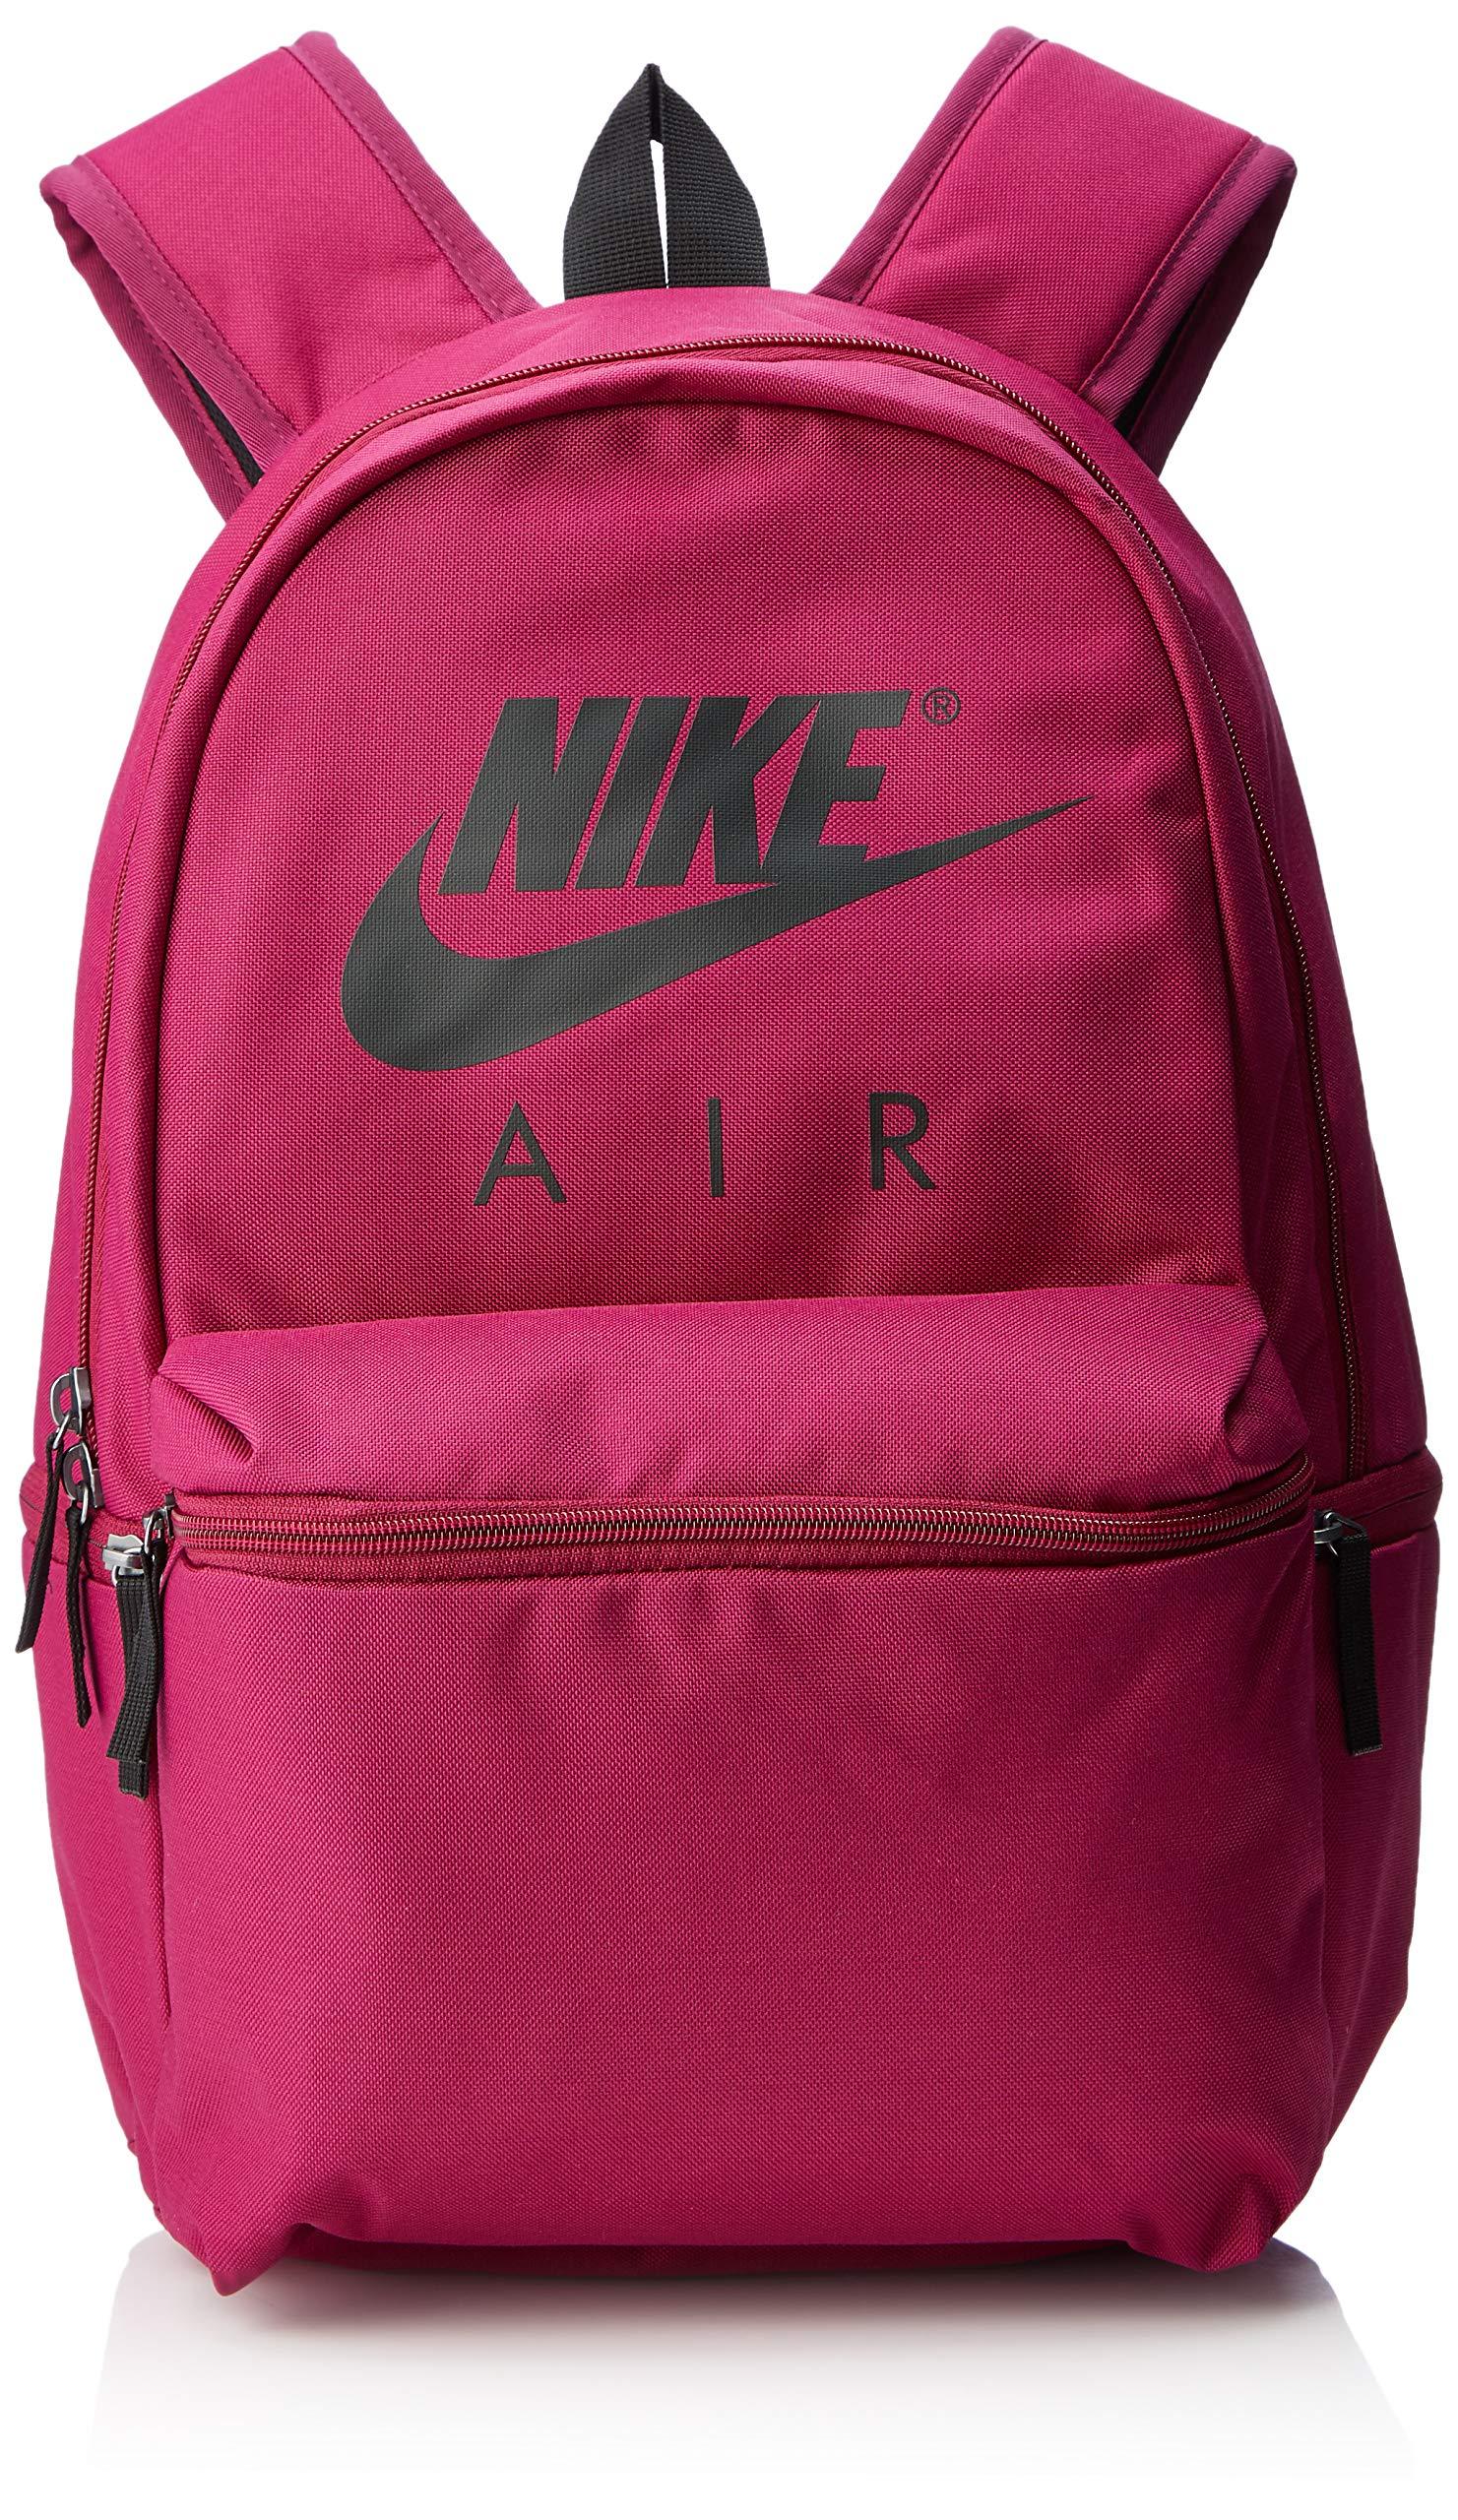 Compuesto Cenagal cable  mochilas escolares juveniles nike - Tienda Online de Zapatos, Ropa y  Complementos de marca